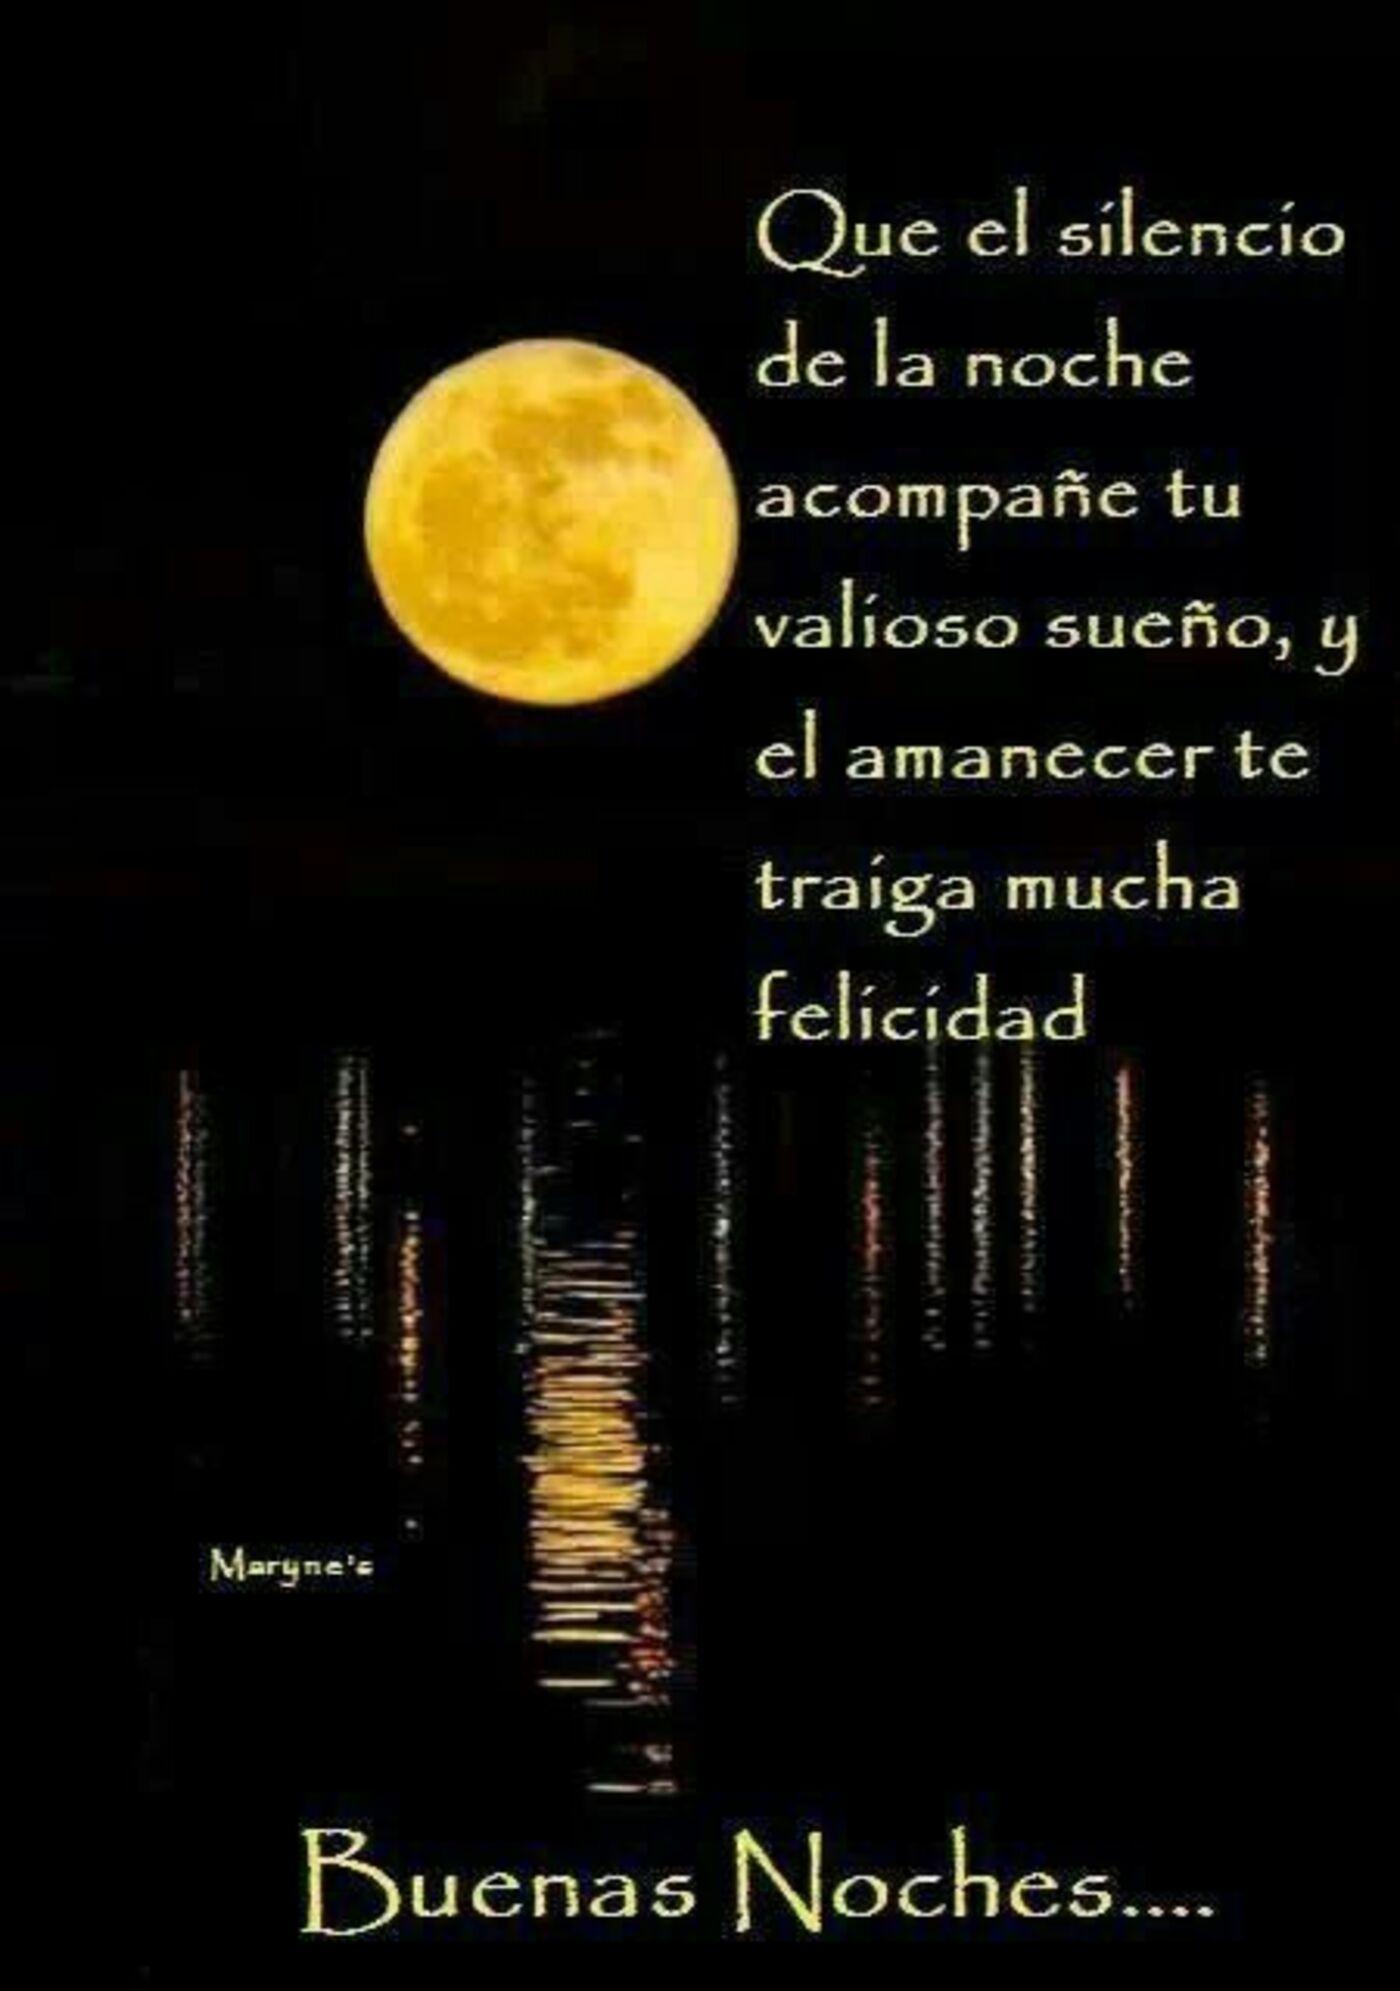 Que el silencio de la noche acompañé tu valioso sueño, y el amanecer te traiga mucha felicidad...Buenas noches